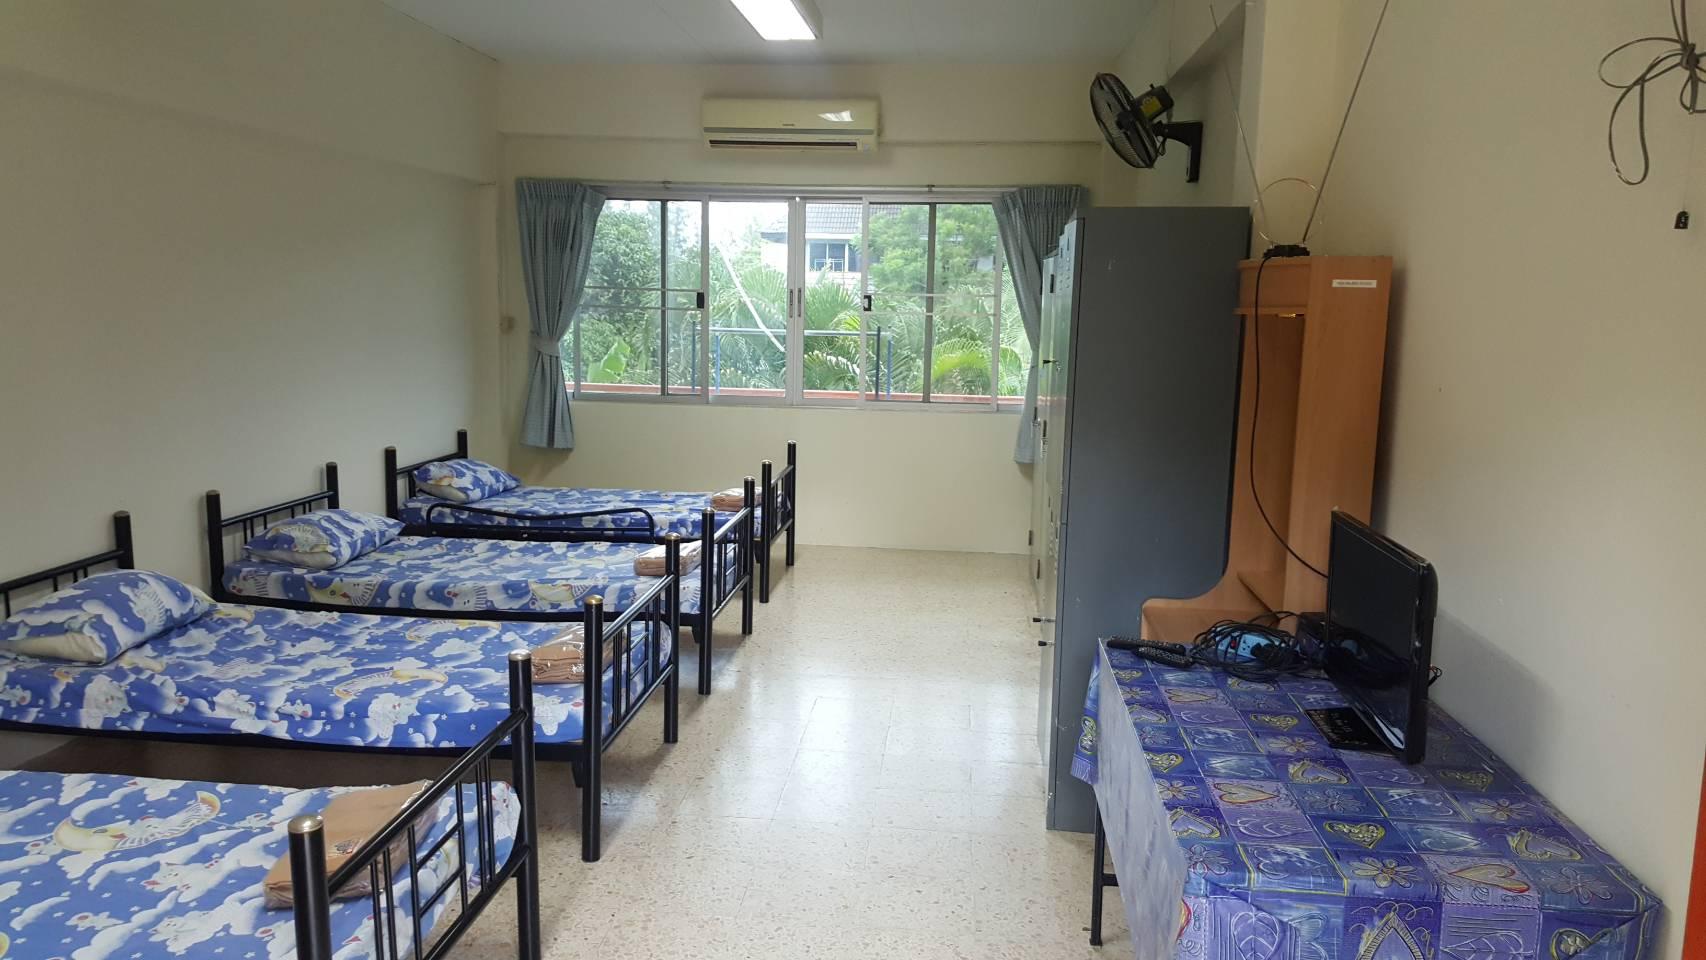 หัองพัก วิทยาลัยป้องกันและบรรเทาสาธารณภัย วิทยาเขตขอนแก่น